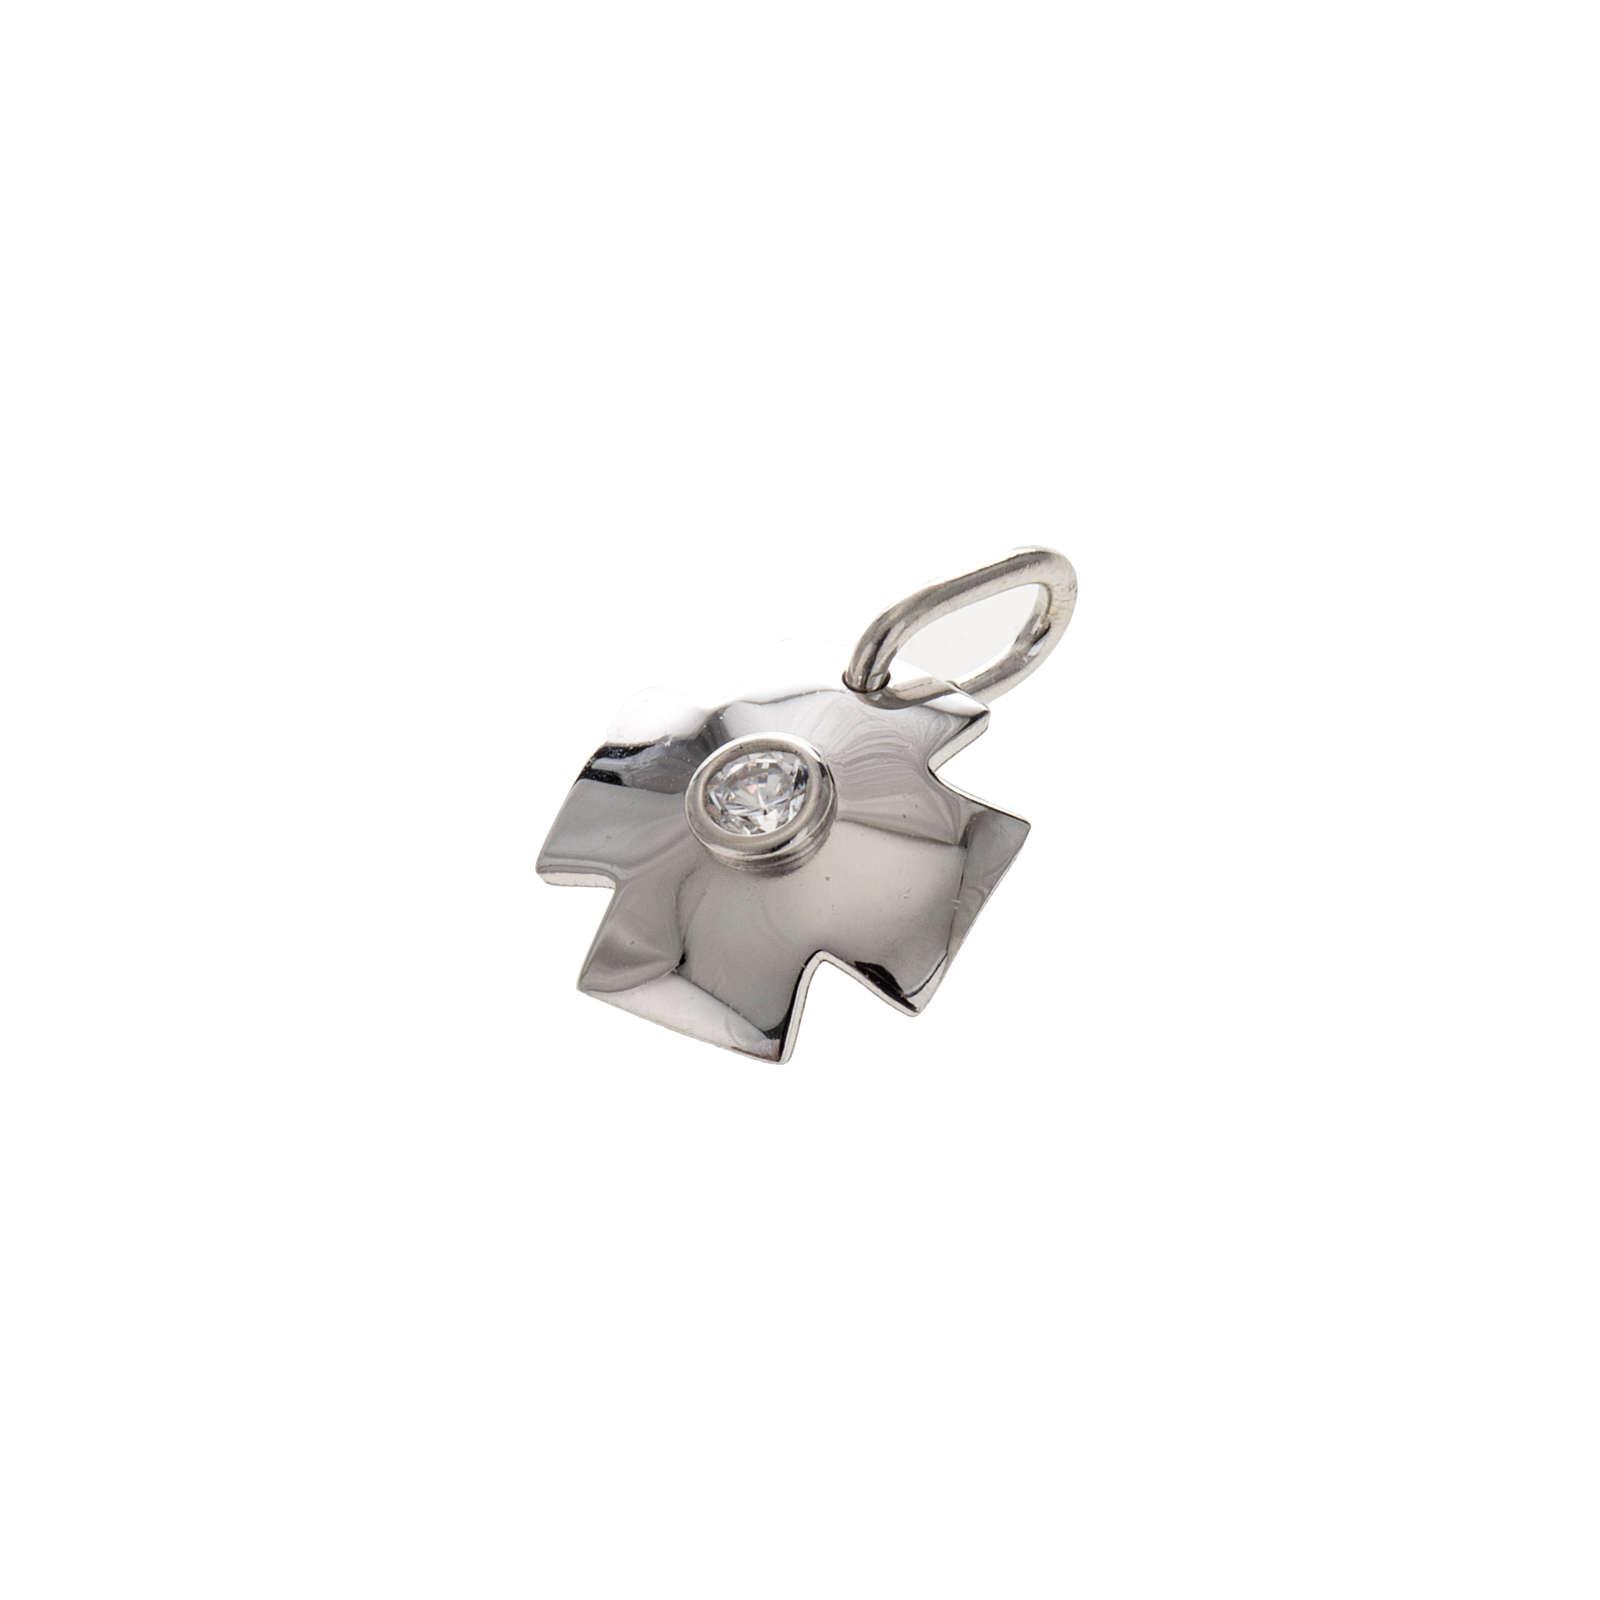 Croce argento 925 con zircone cm 1,5 4